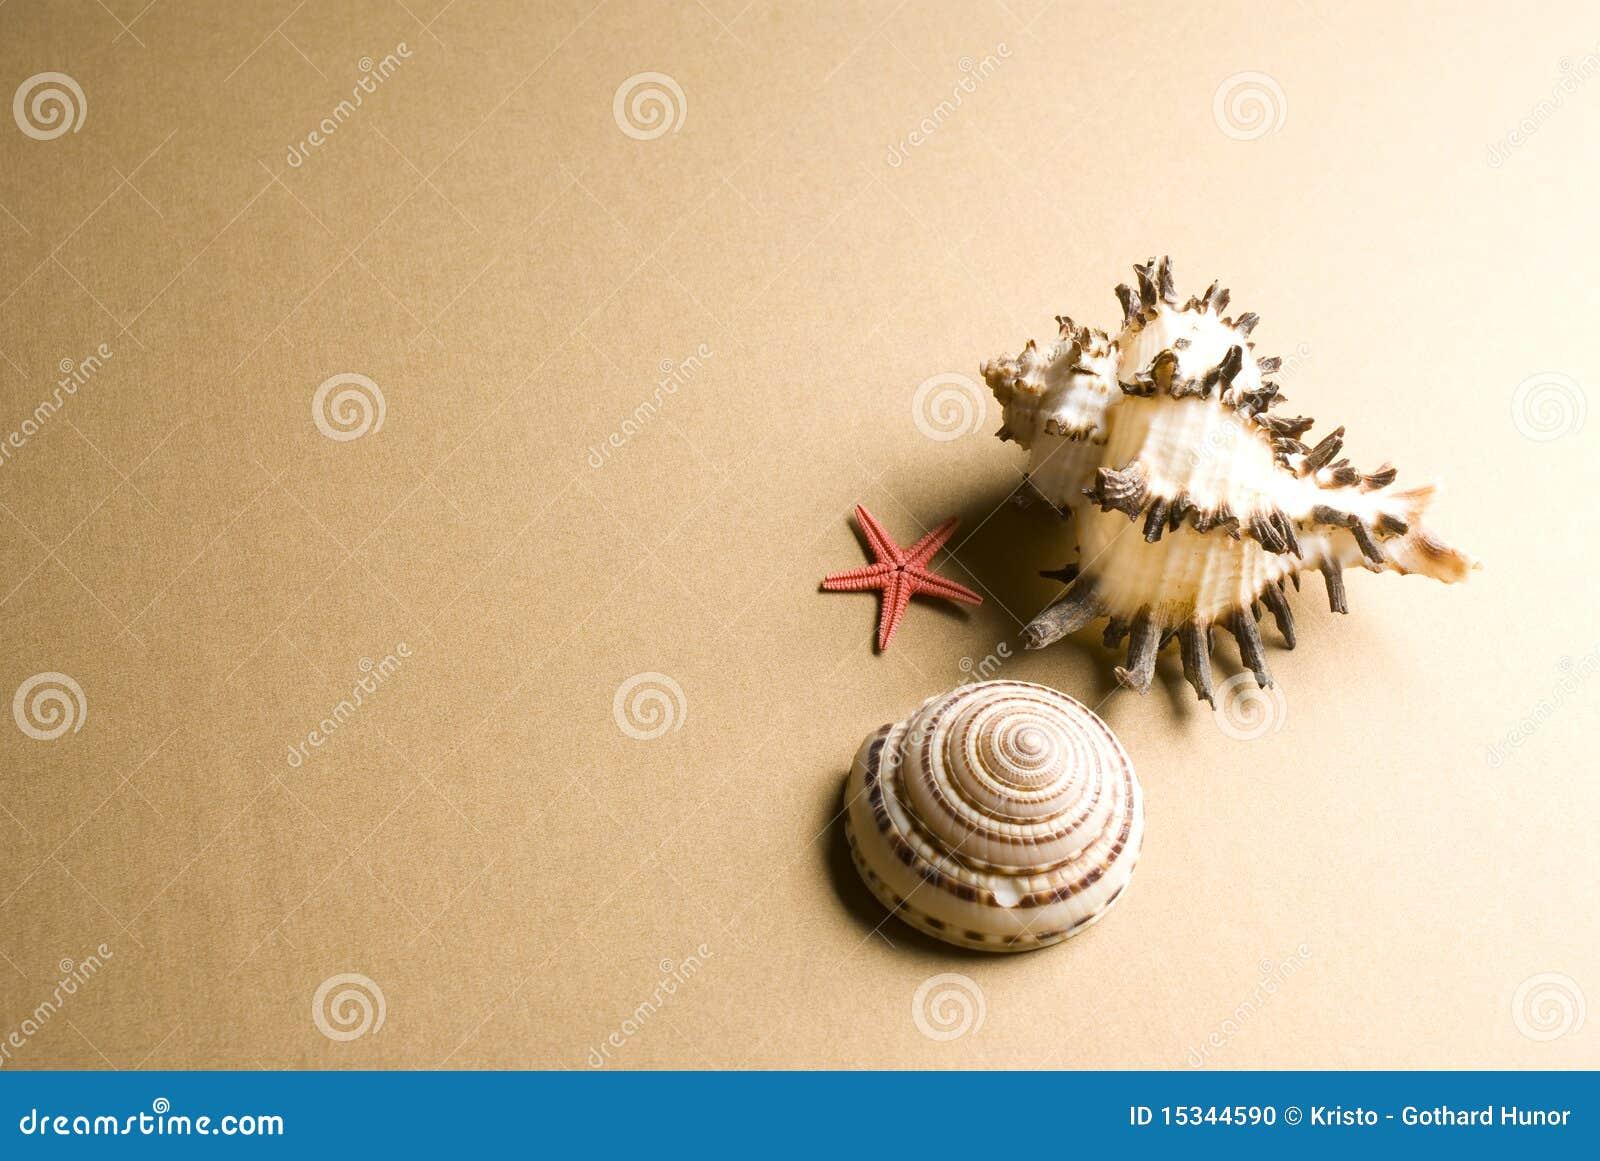 Seashell y estrellas de mar